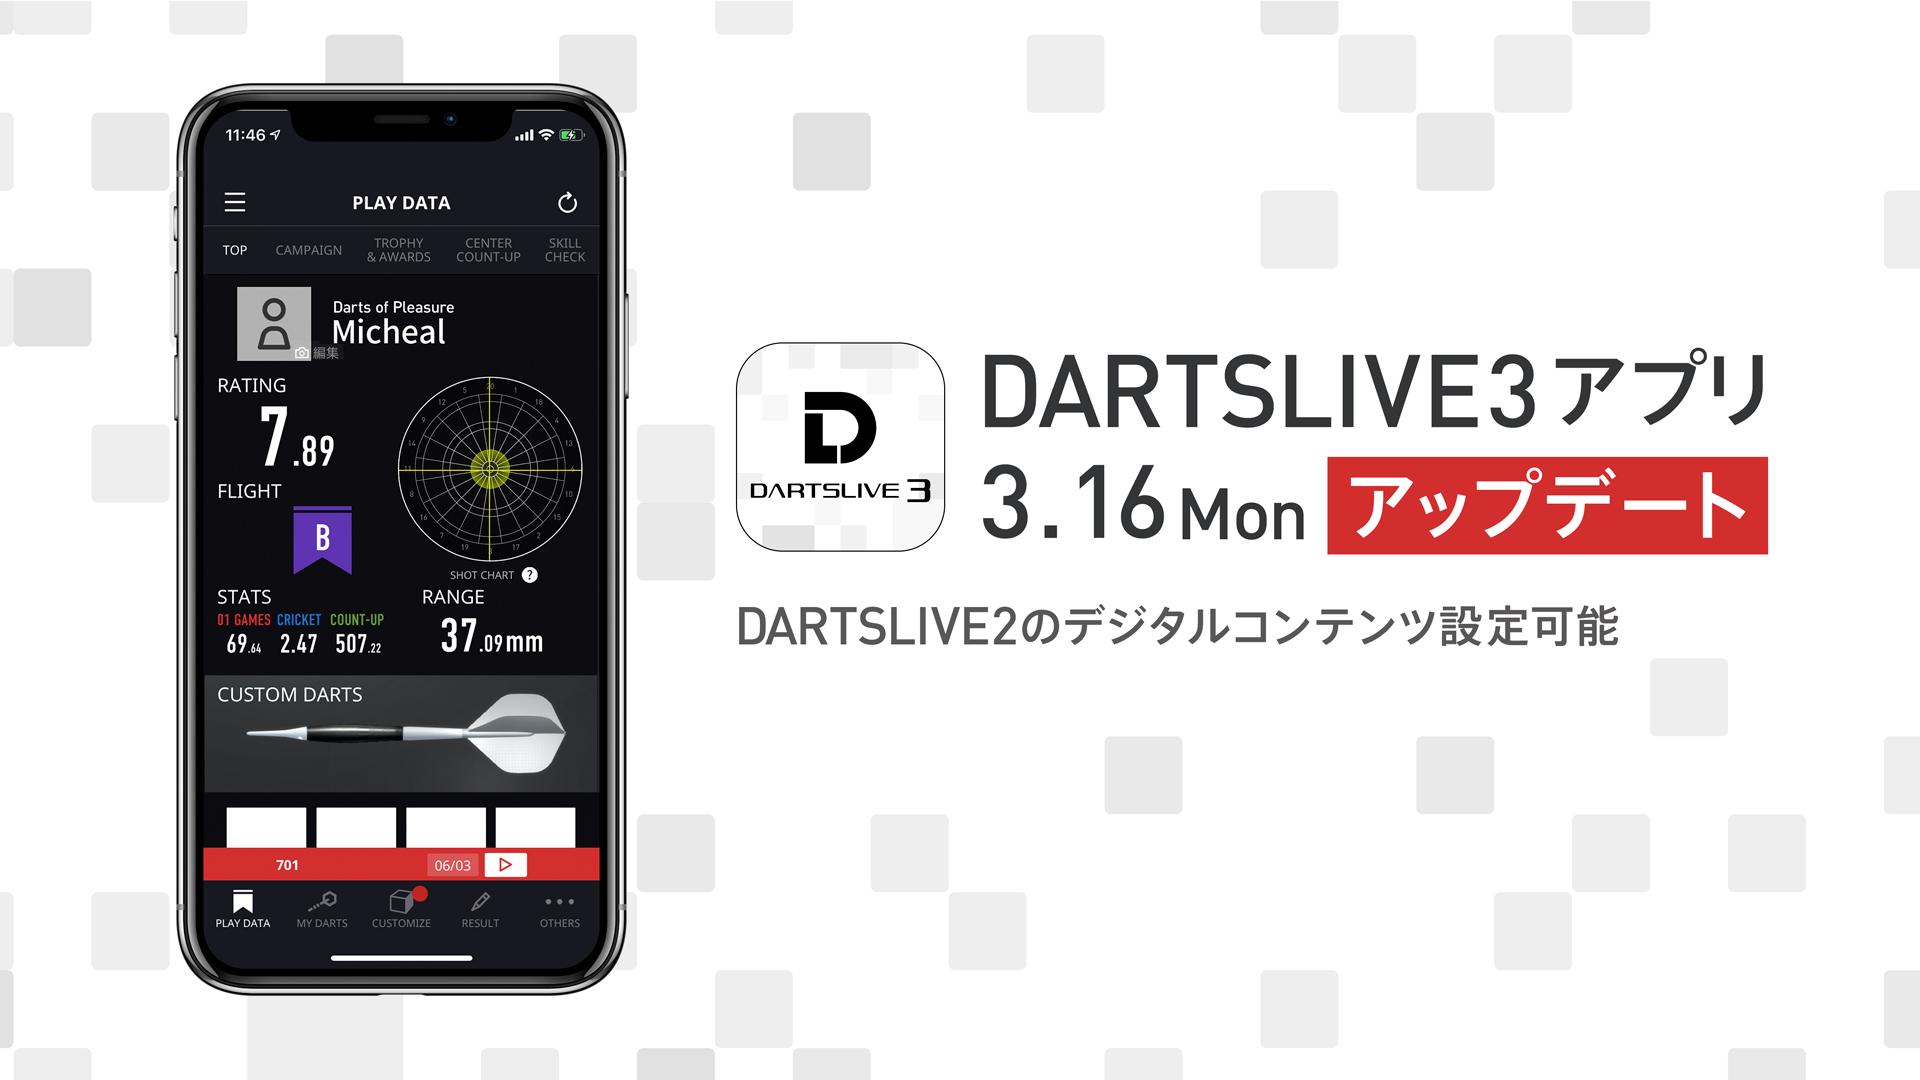 DARTSLIVE3アプリが使いやすく進化します!